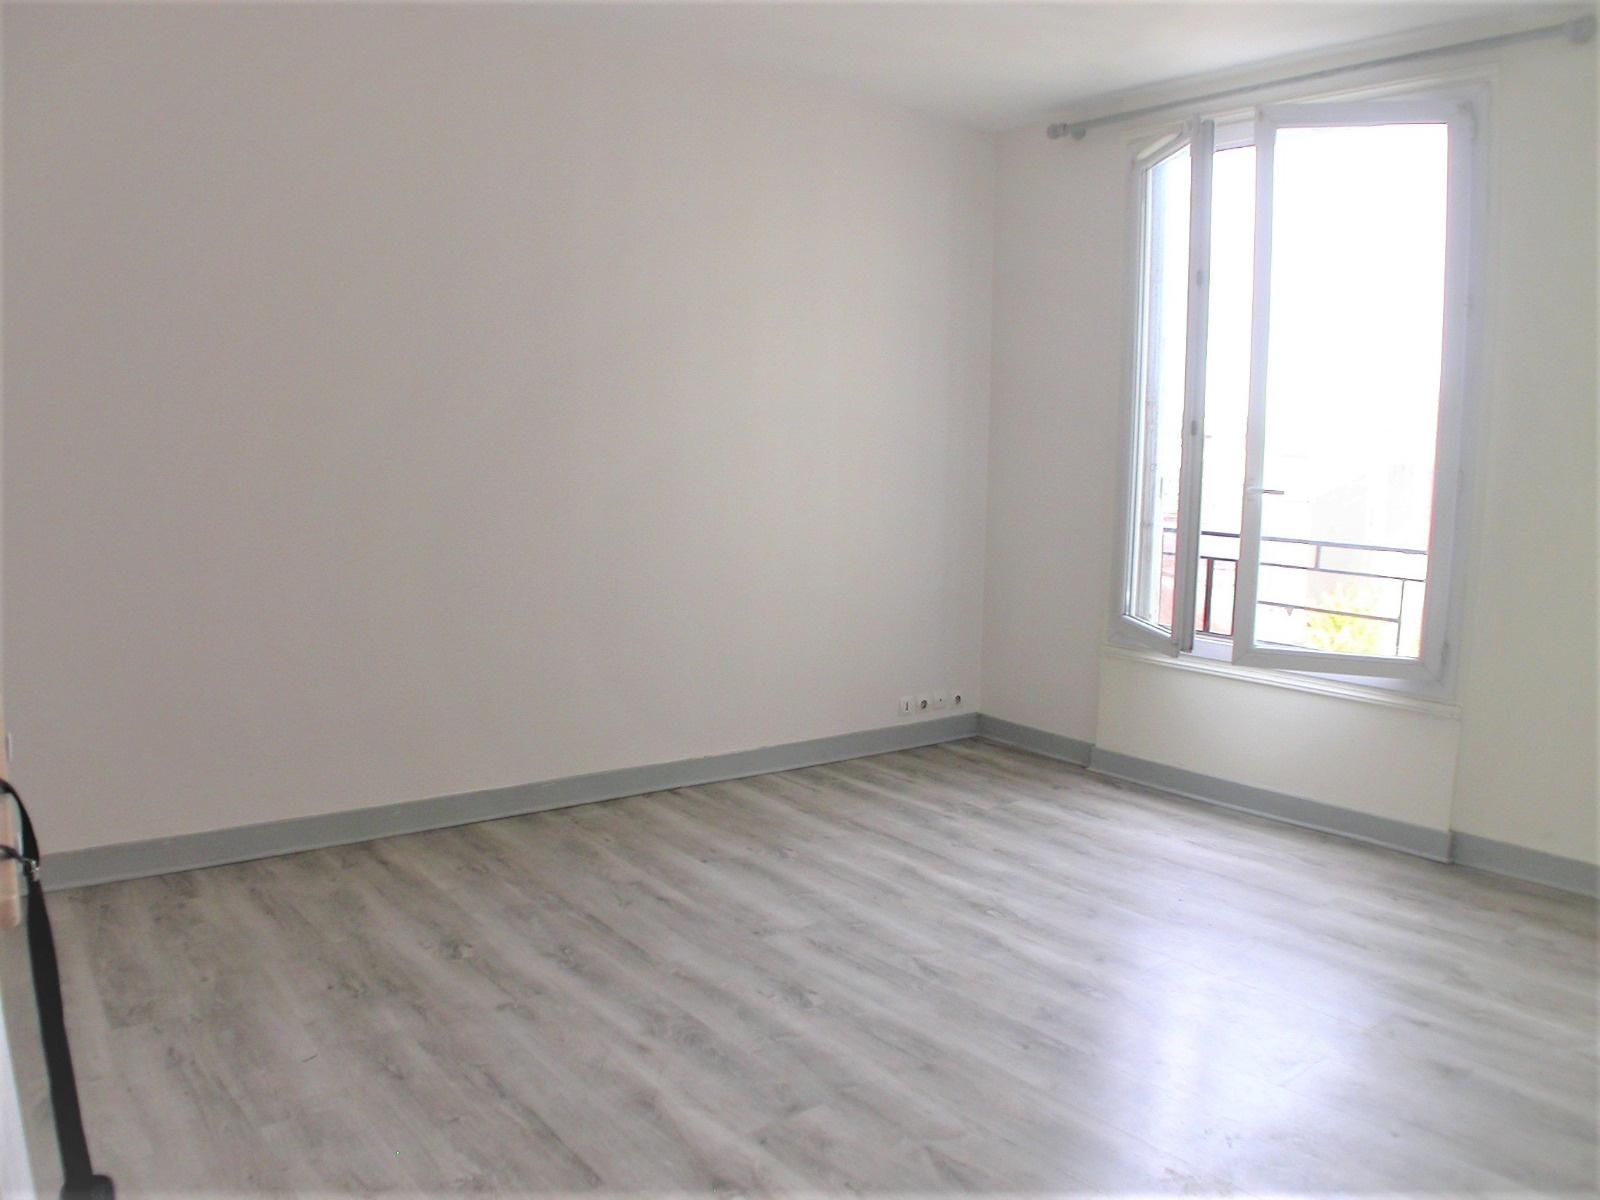 Offres de vente Appartement Les Lilas 93260